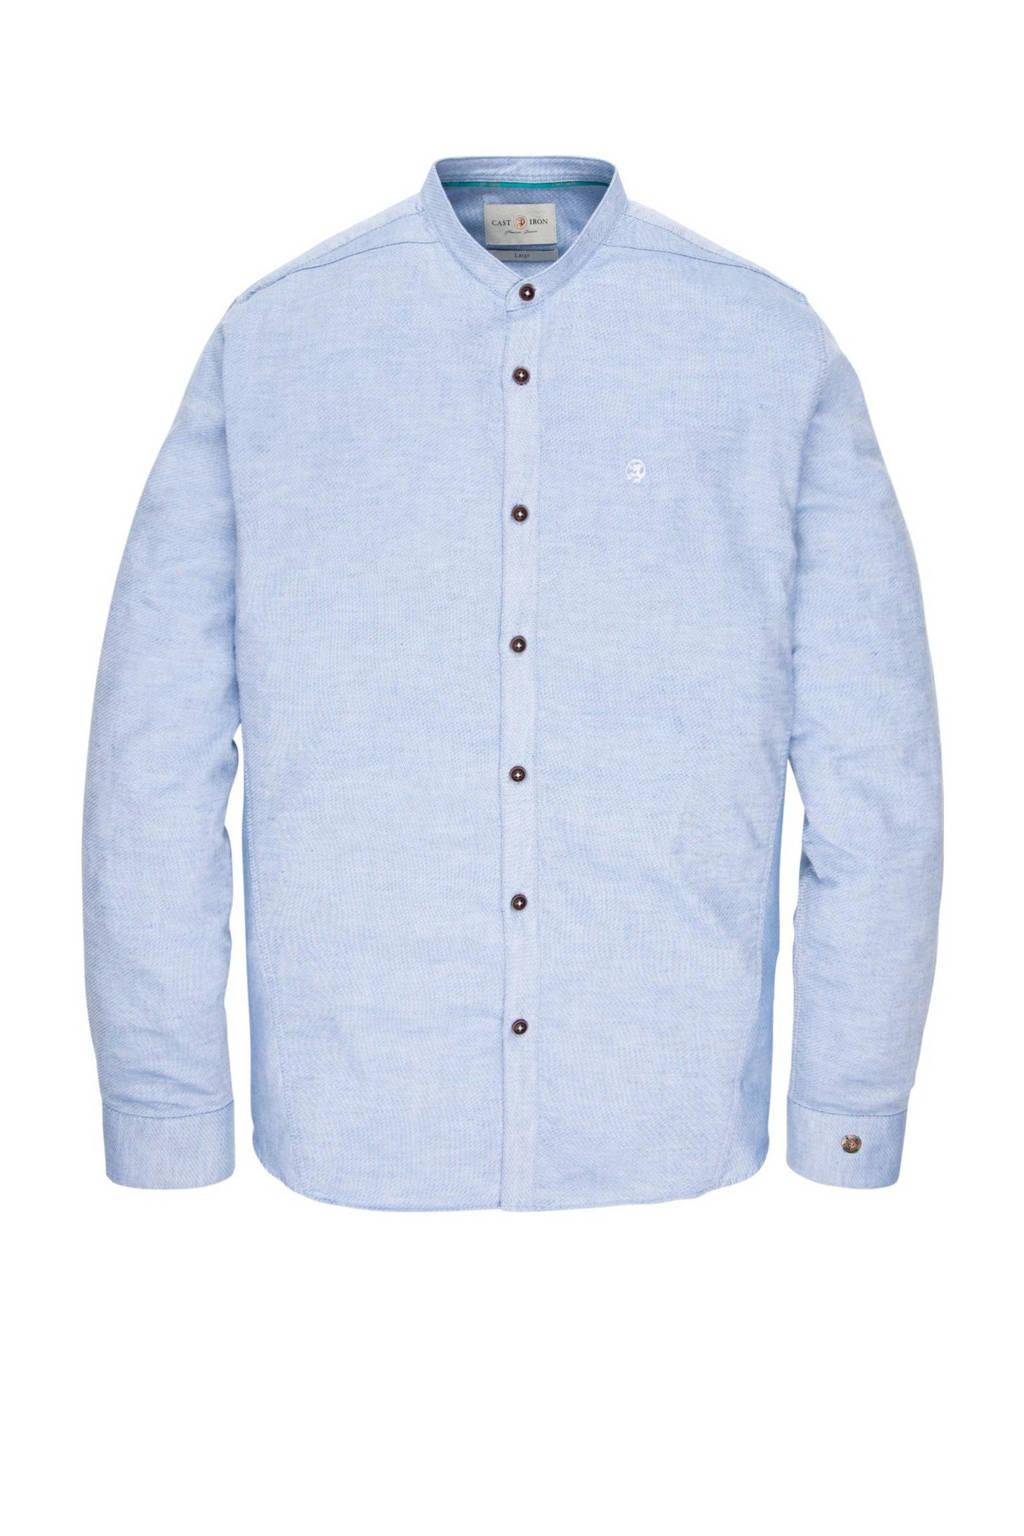 Cast Iron gemêleerd regular fit overhemd met linnen lichtblauw, Lichtblauw